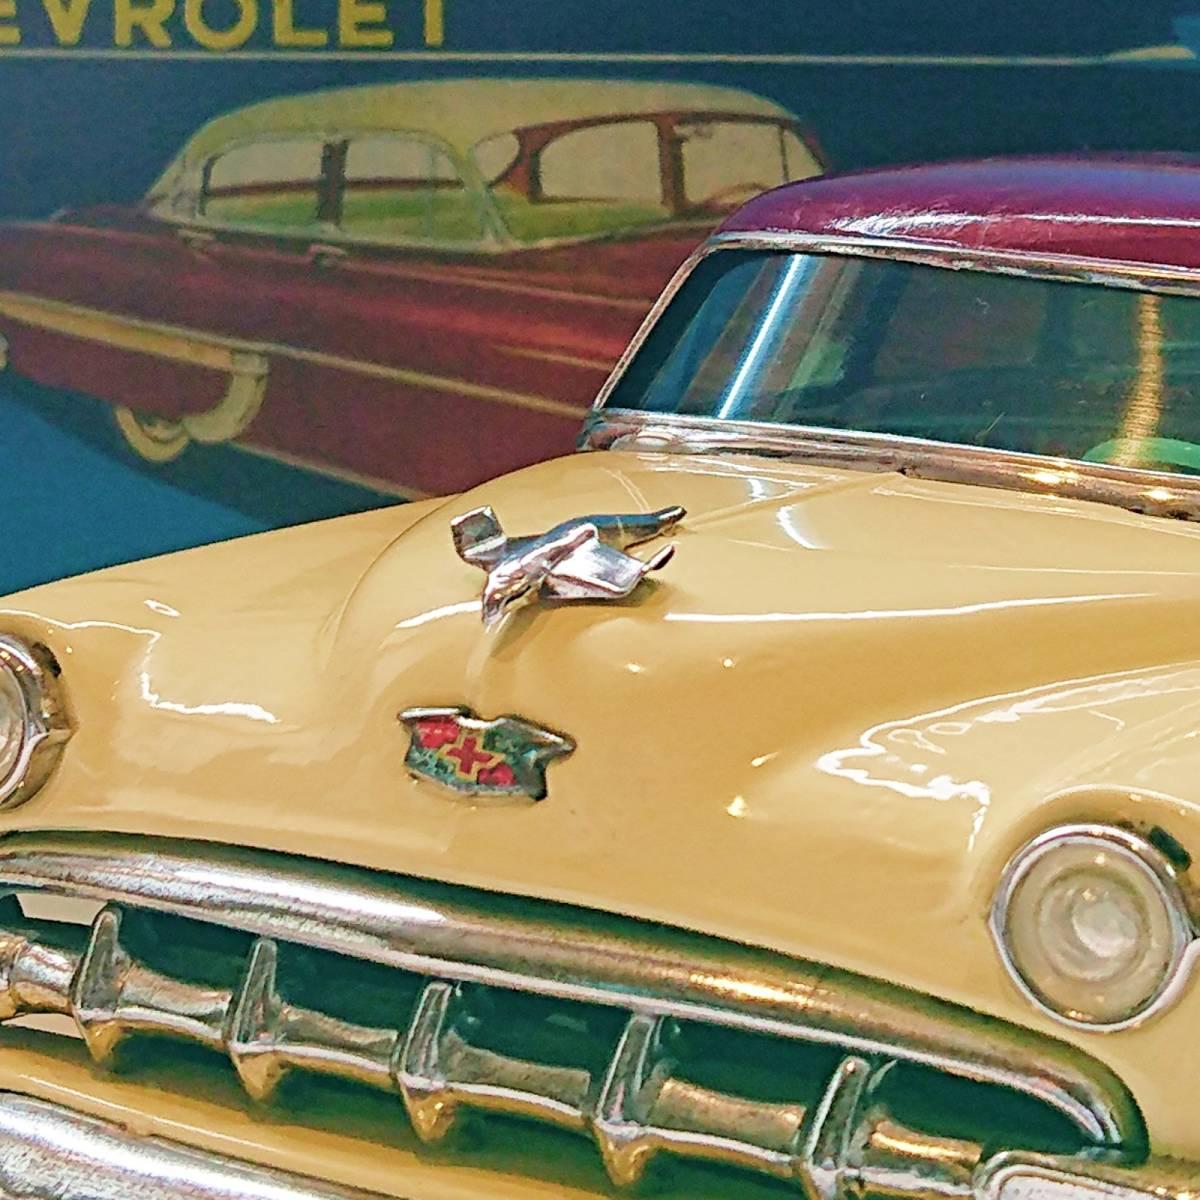 超希少ブリキ! ラインマー シボレー 世界に1つのツートンカラー Linemar Chevrolet マルサン/コスゲ製 リペイント 自動車 ビンテージ _画像2